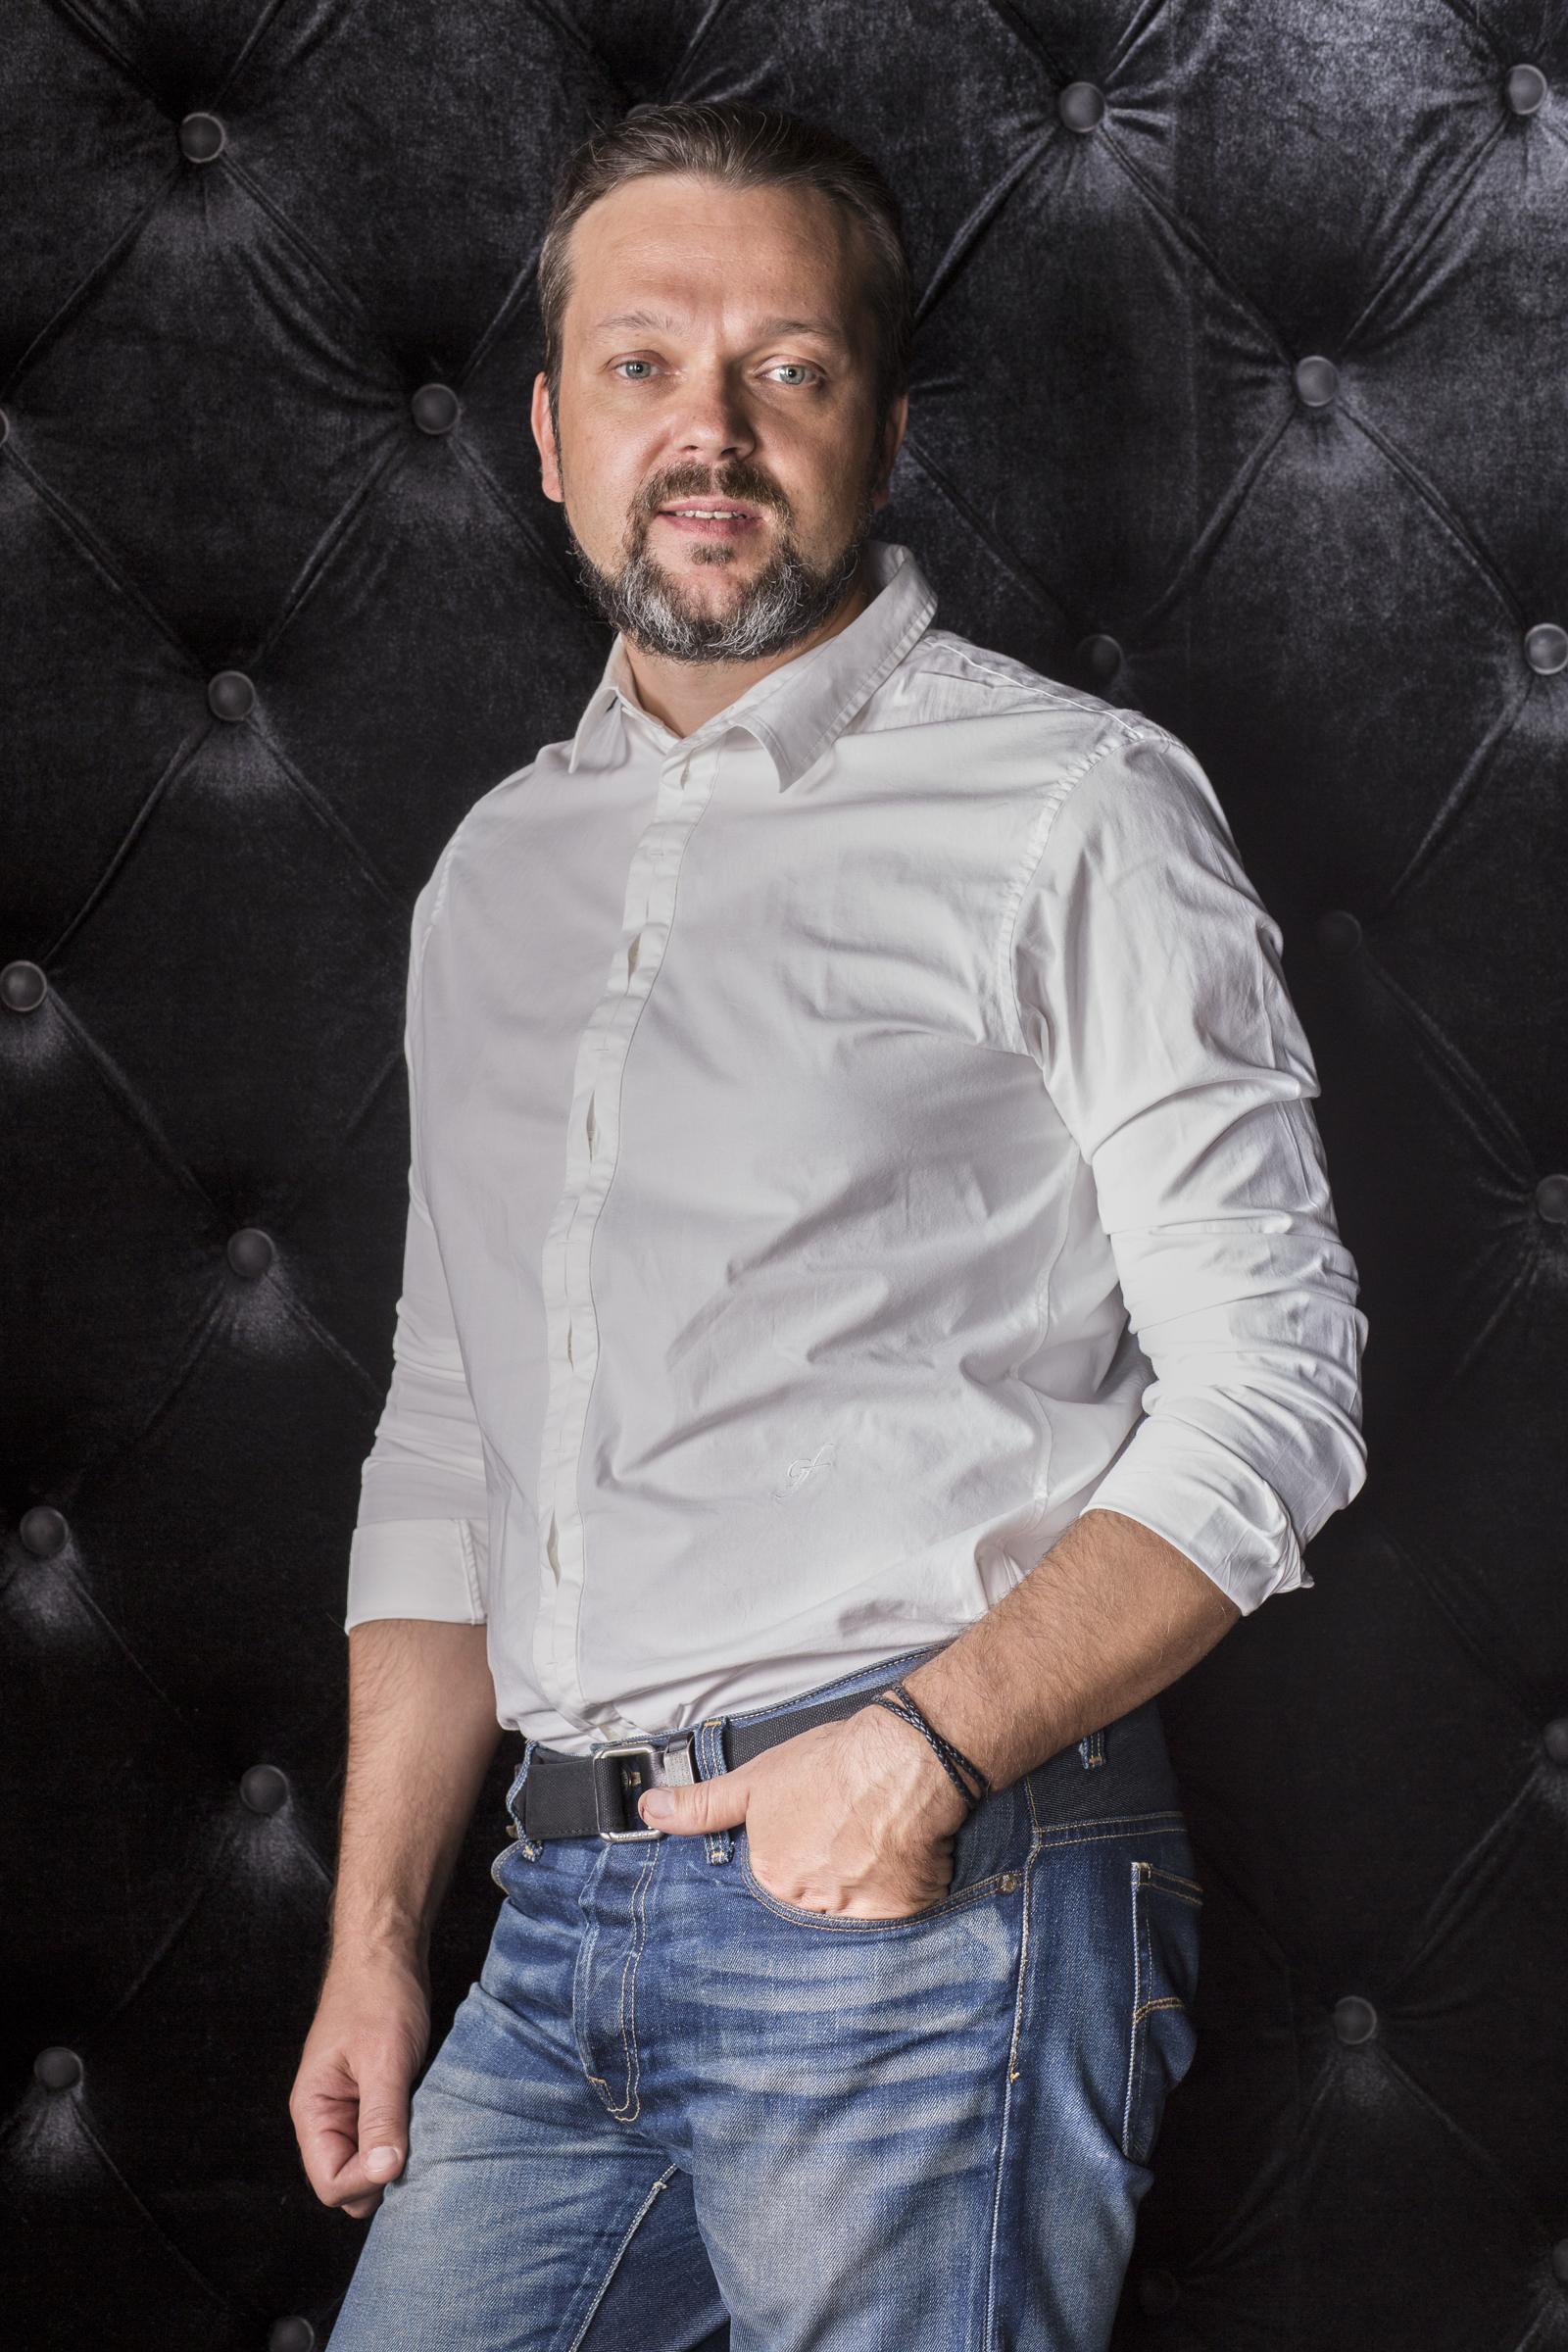 Дмитрий Федоренко: «Мы хотим, чтобы наши дети выросли не в совковой психологии, и стараемся воспитывать их как людей мира»